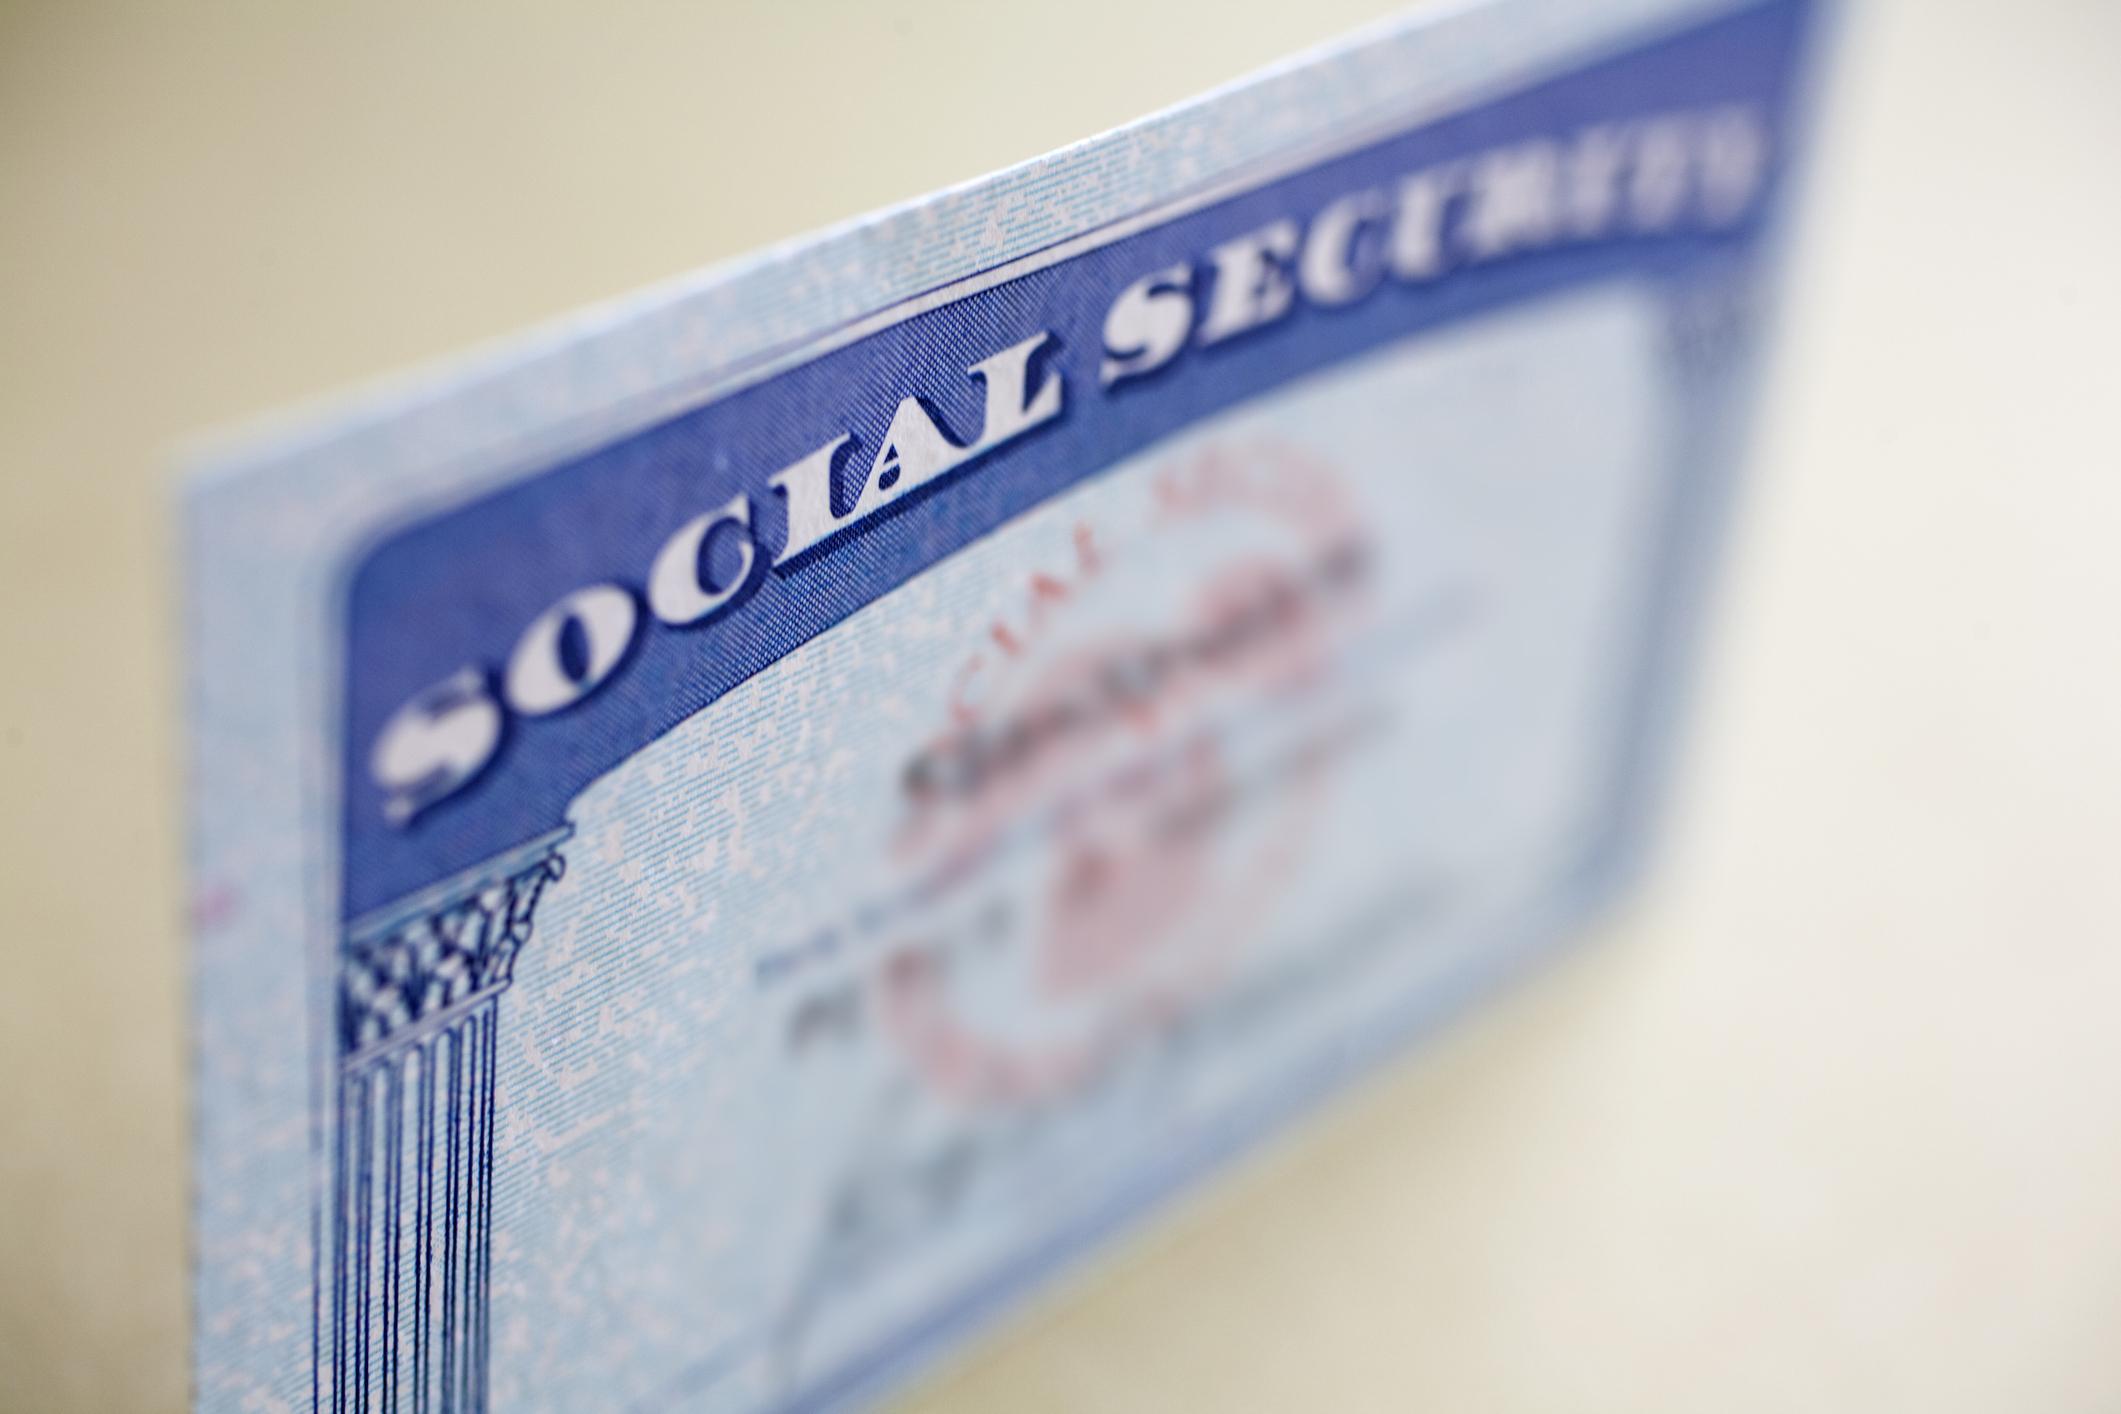 A Social Security card.